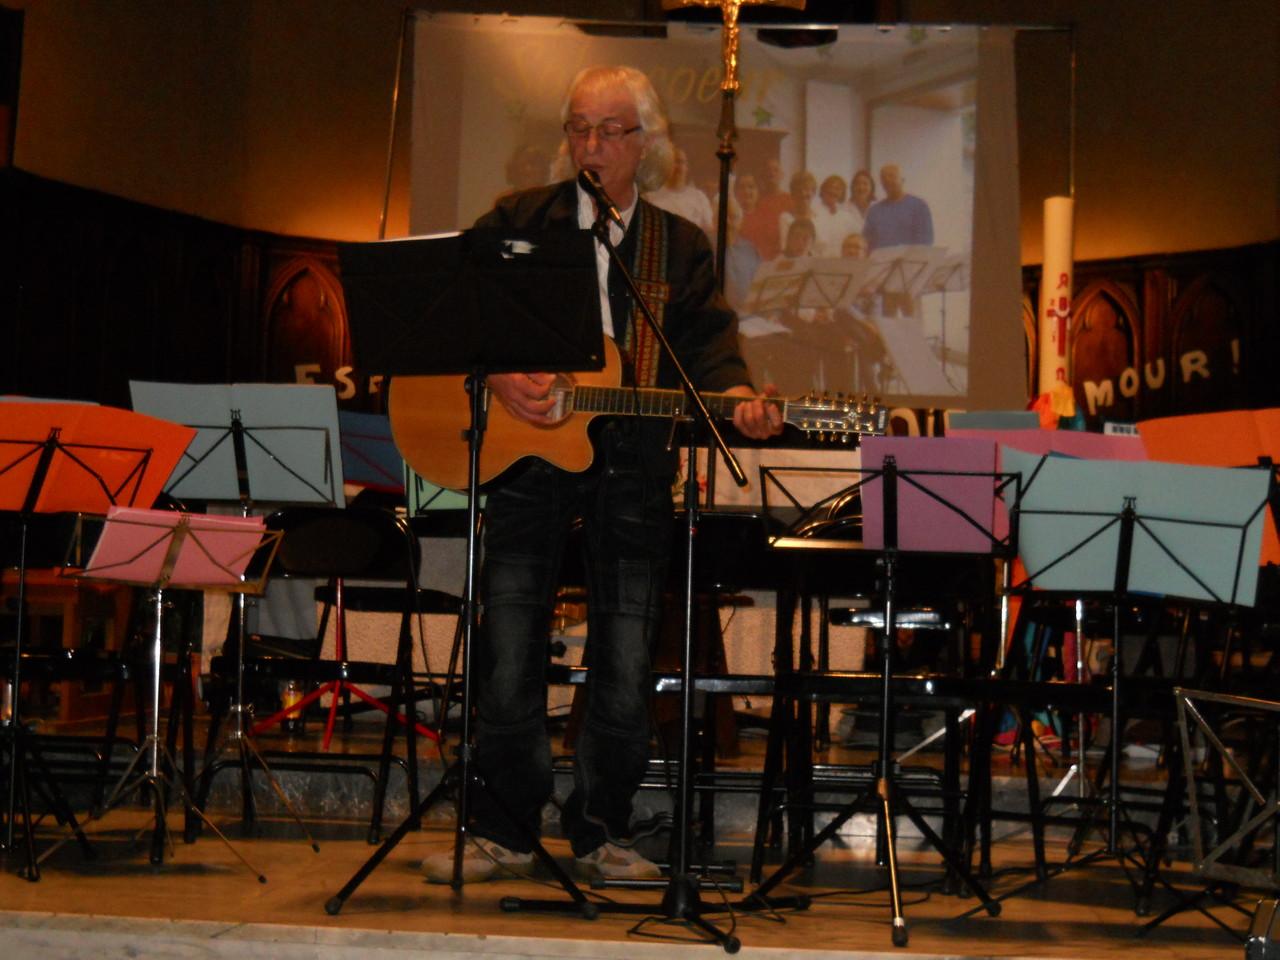 Eglise de Bagnères  au profit de l'association St Vincent de Paul 10 février 2012